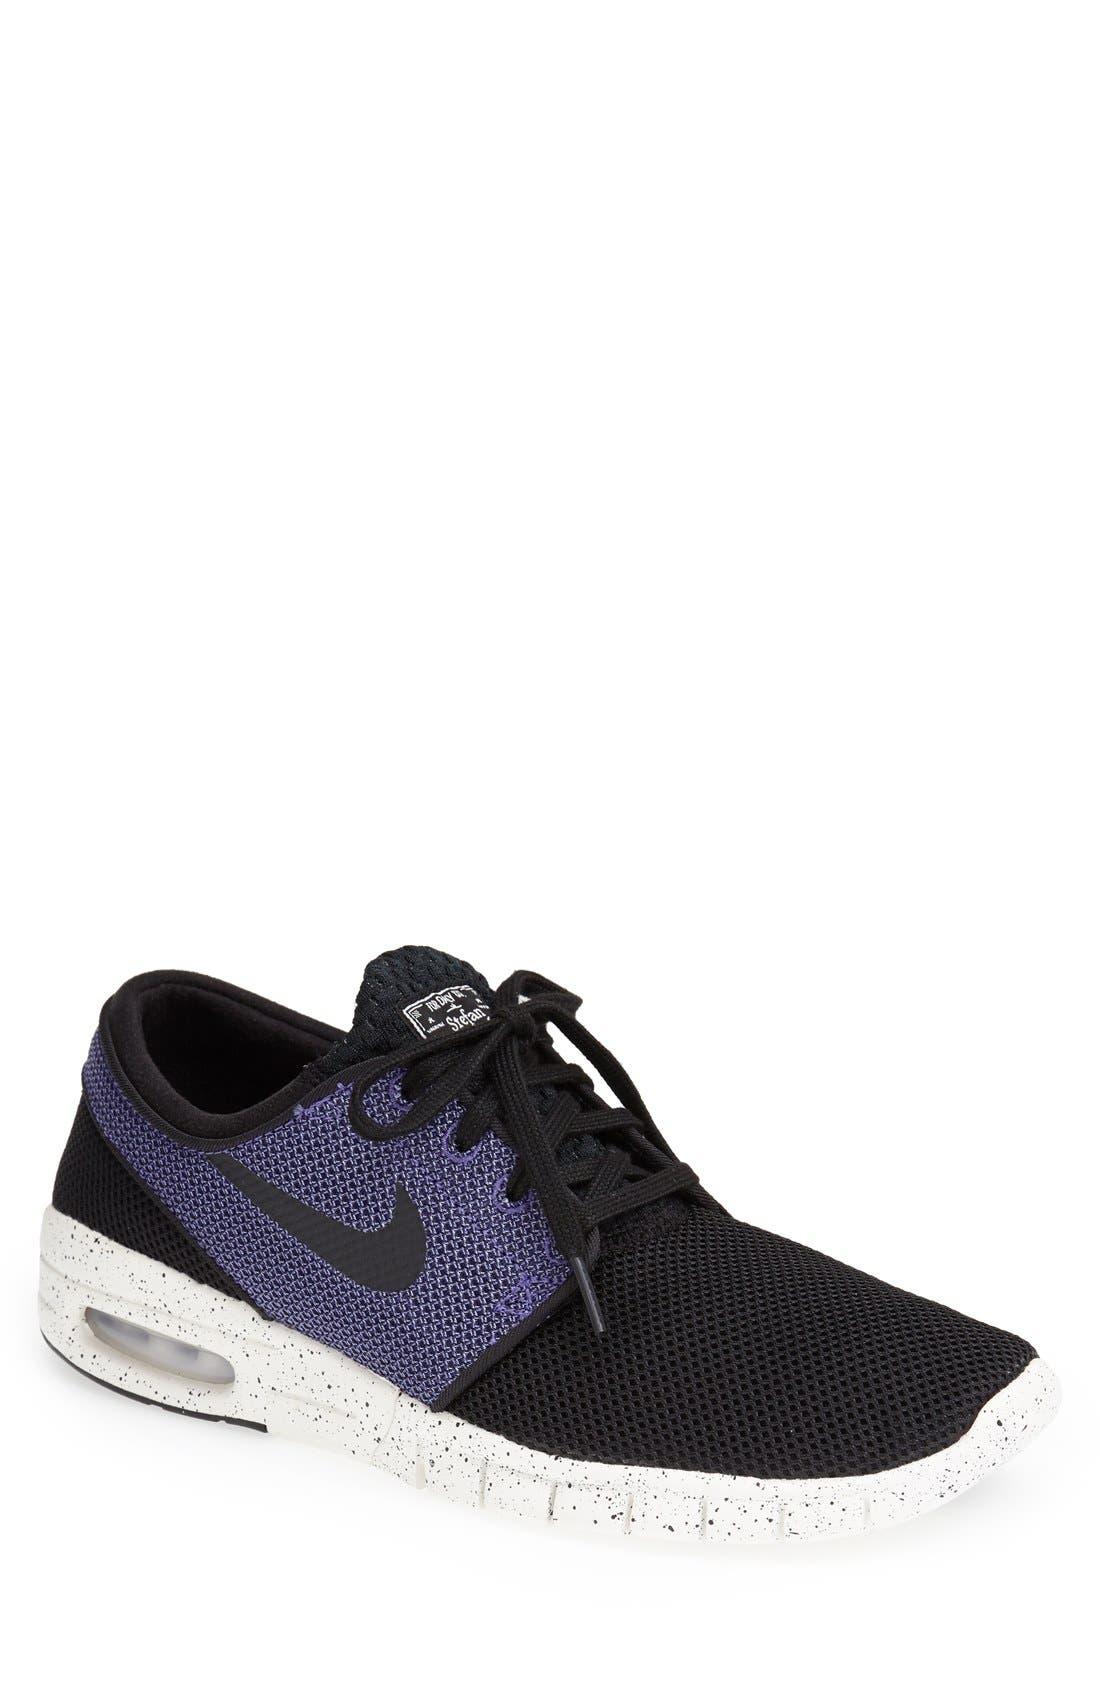 'Stefan Janoski - Max SB' Skate Shoe,                             Main thumbnail 1, color,                             BLACK/ PRO PURPLE/ WHITE